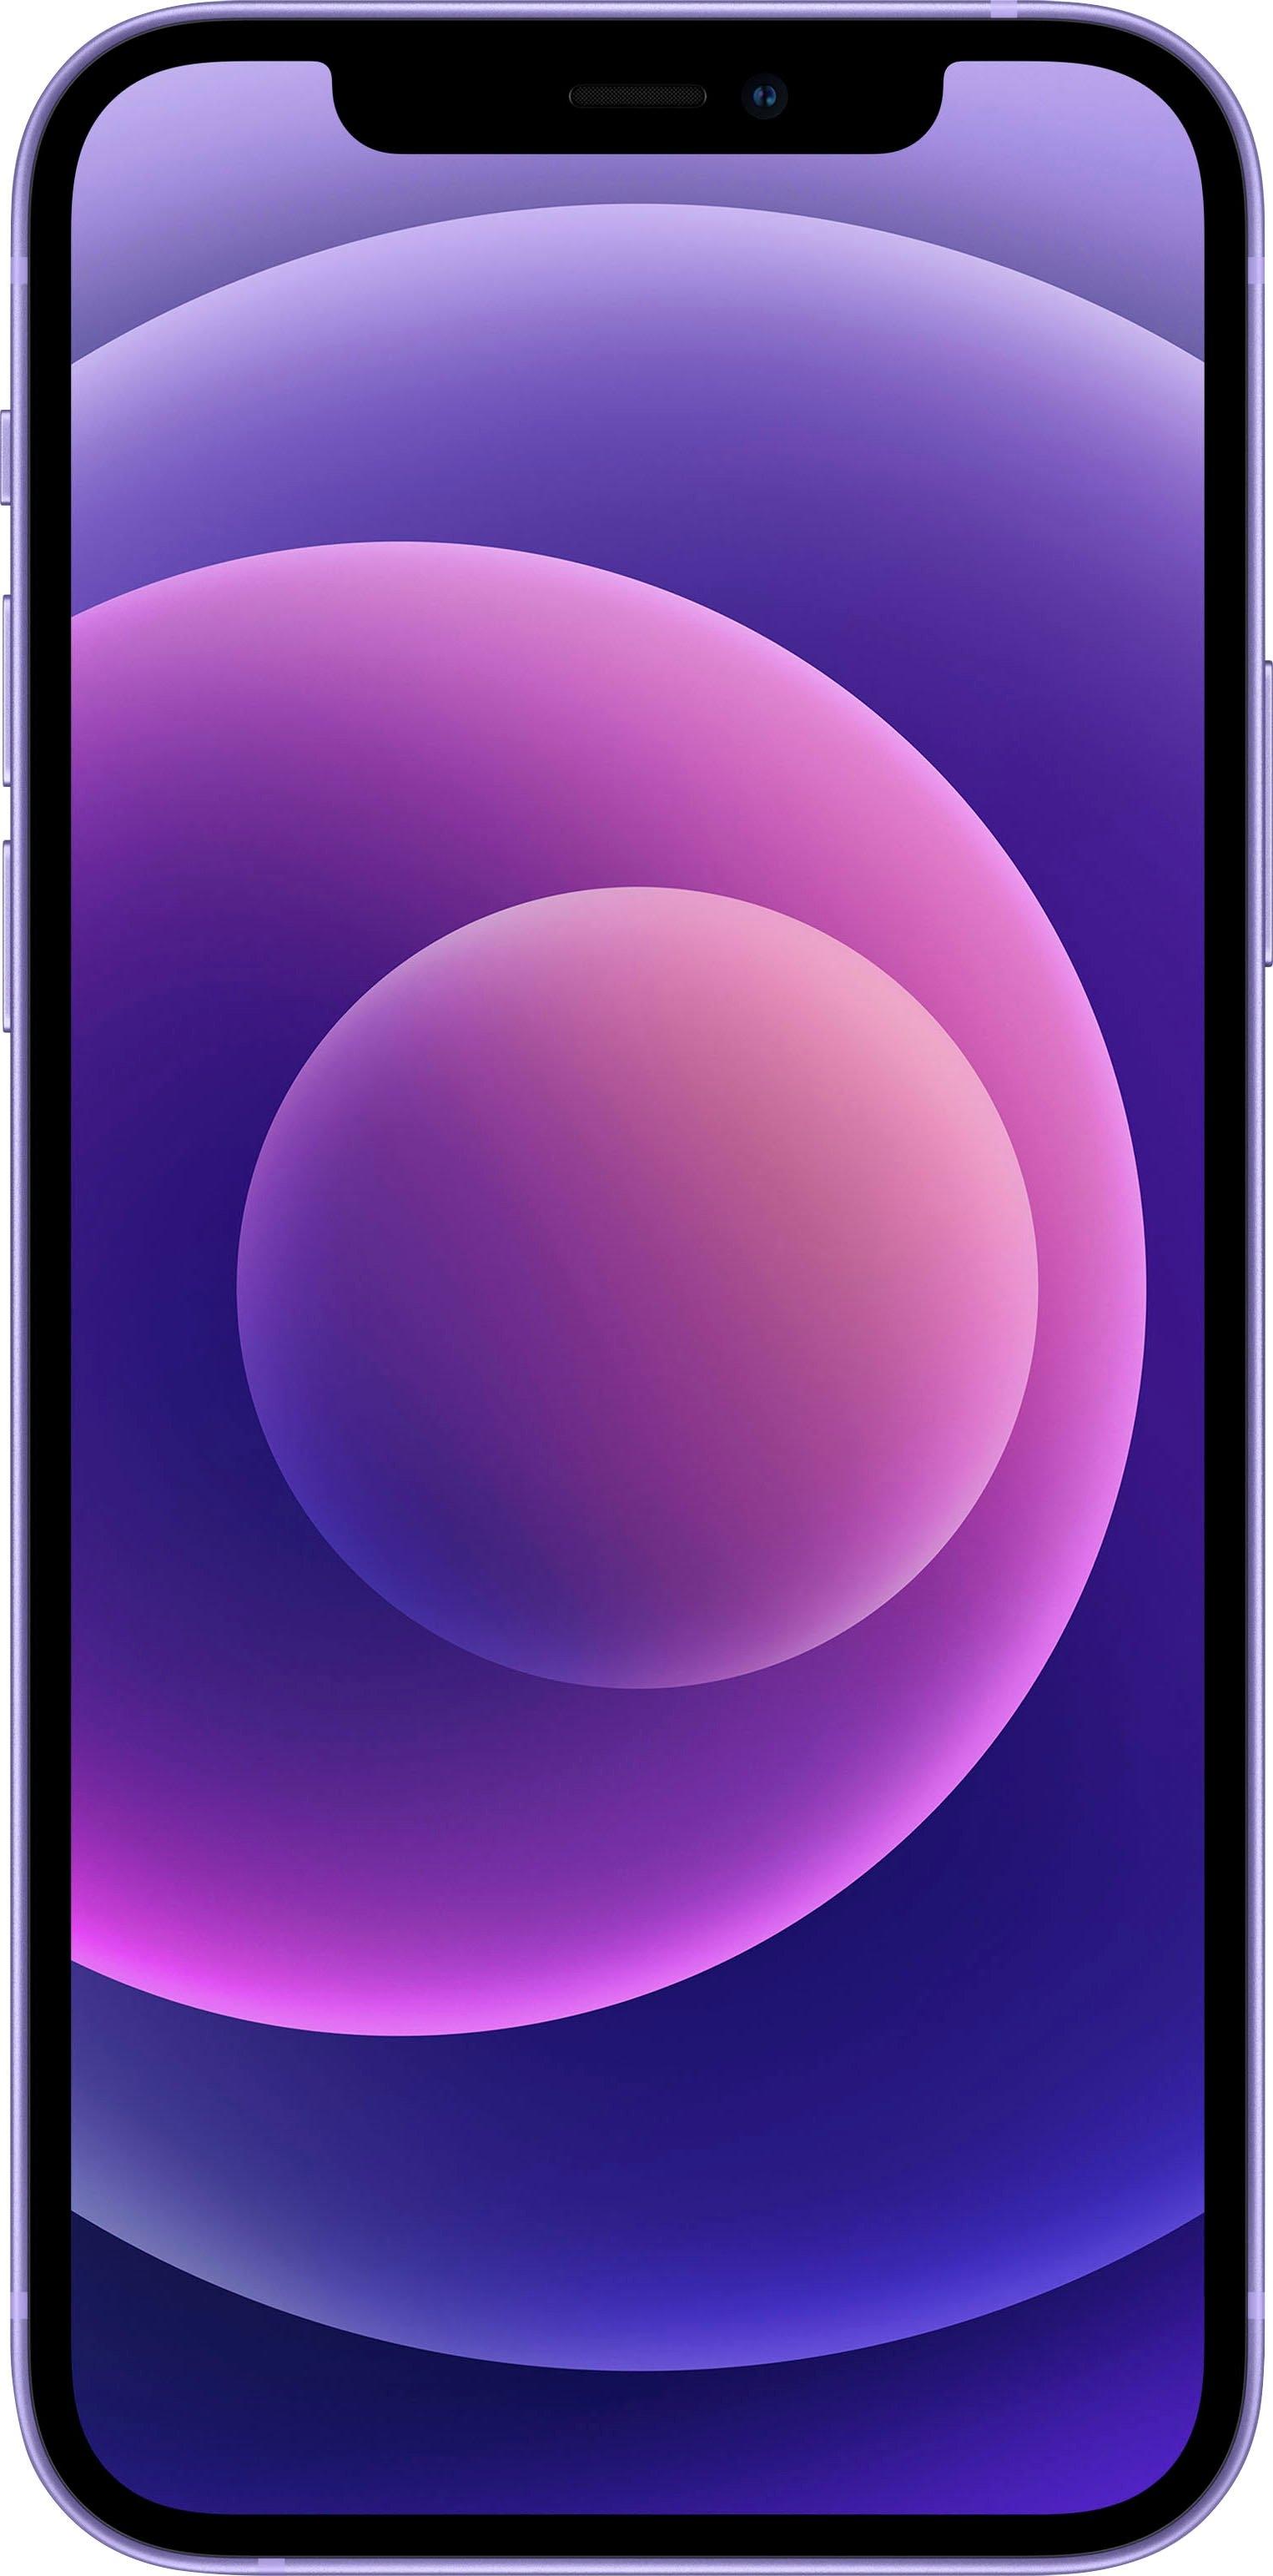 Apple smartphone iPhone 12 mini, 128 GB, zonder stroom-adapter en hoofdtelefoon, compatibel met airpods, airpods pro, earpods hoofdtelefoon online kopen op otto.nl